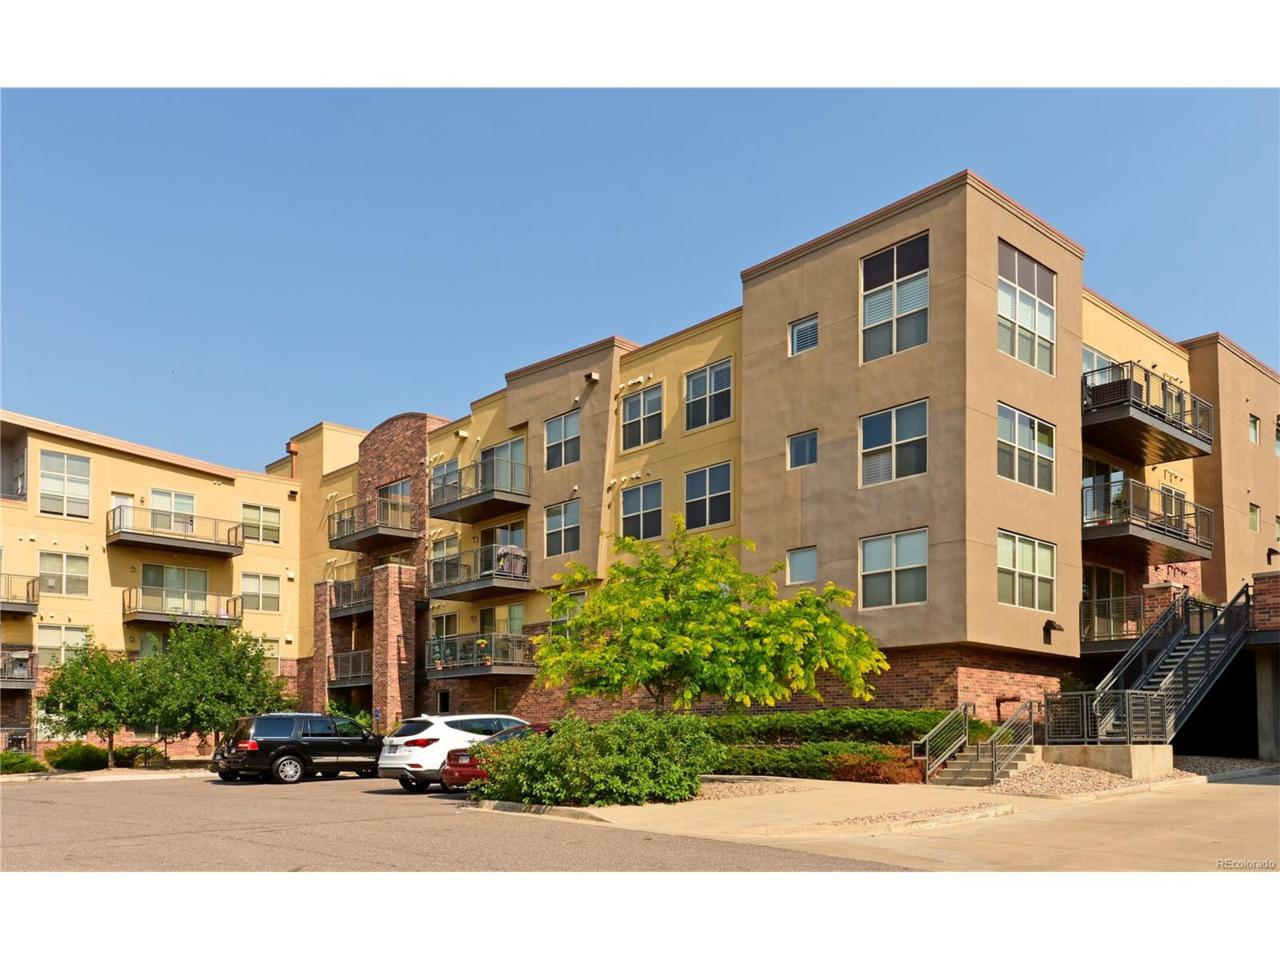 9059 E Panorama Circle B-310, Englewood, CO 80112 (MLS #3307351) :: 8z Real Estate